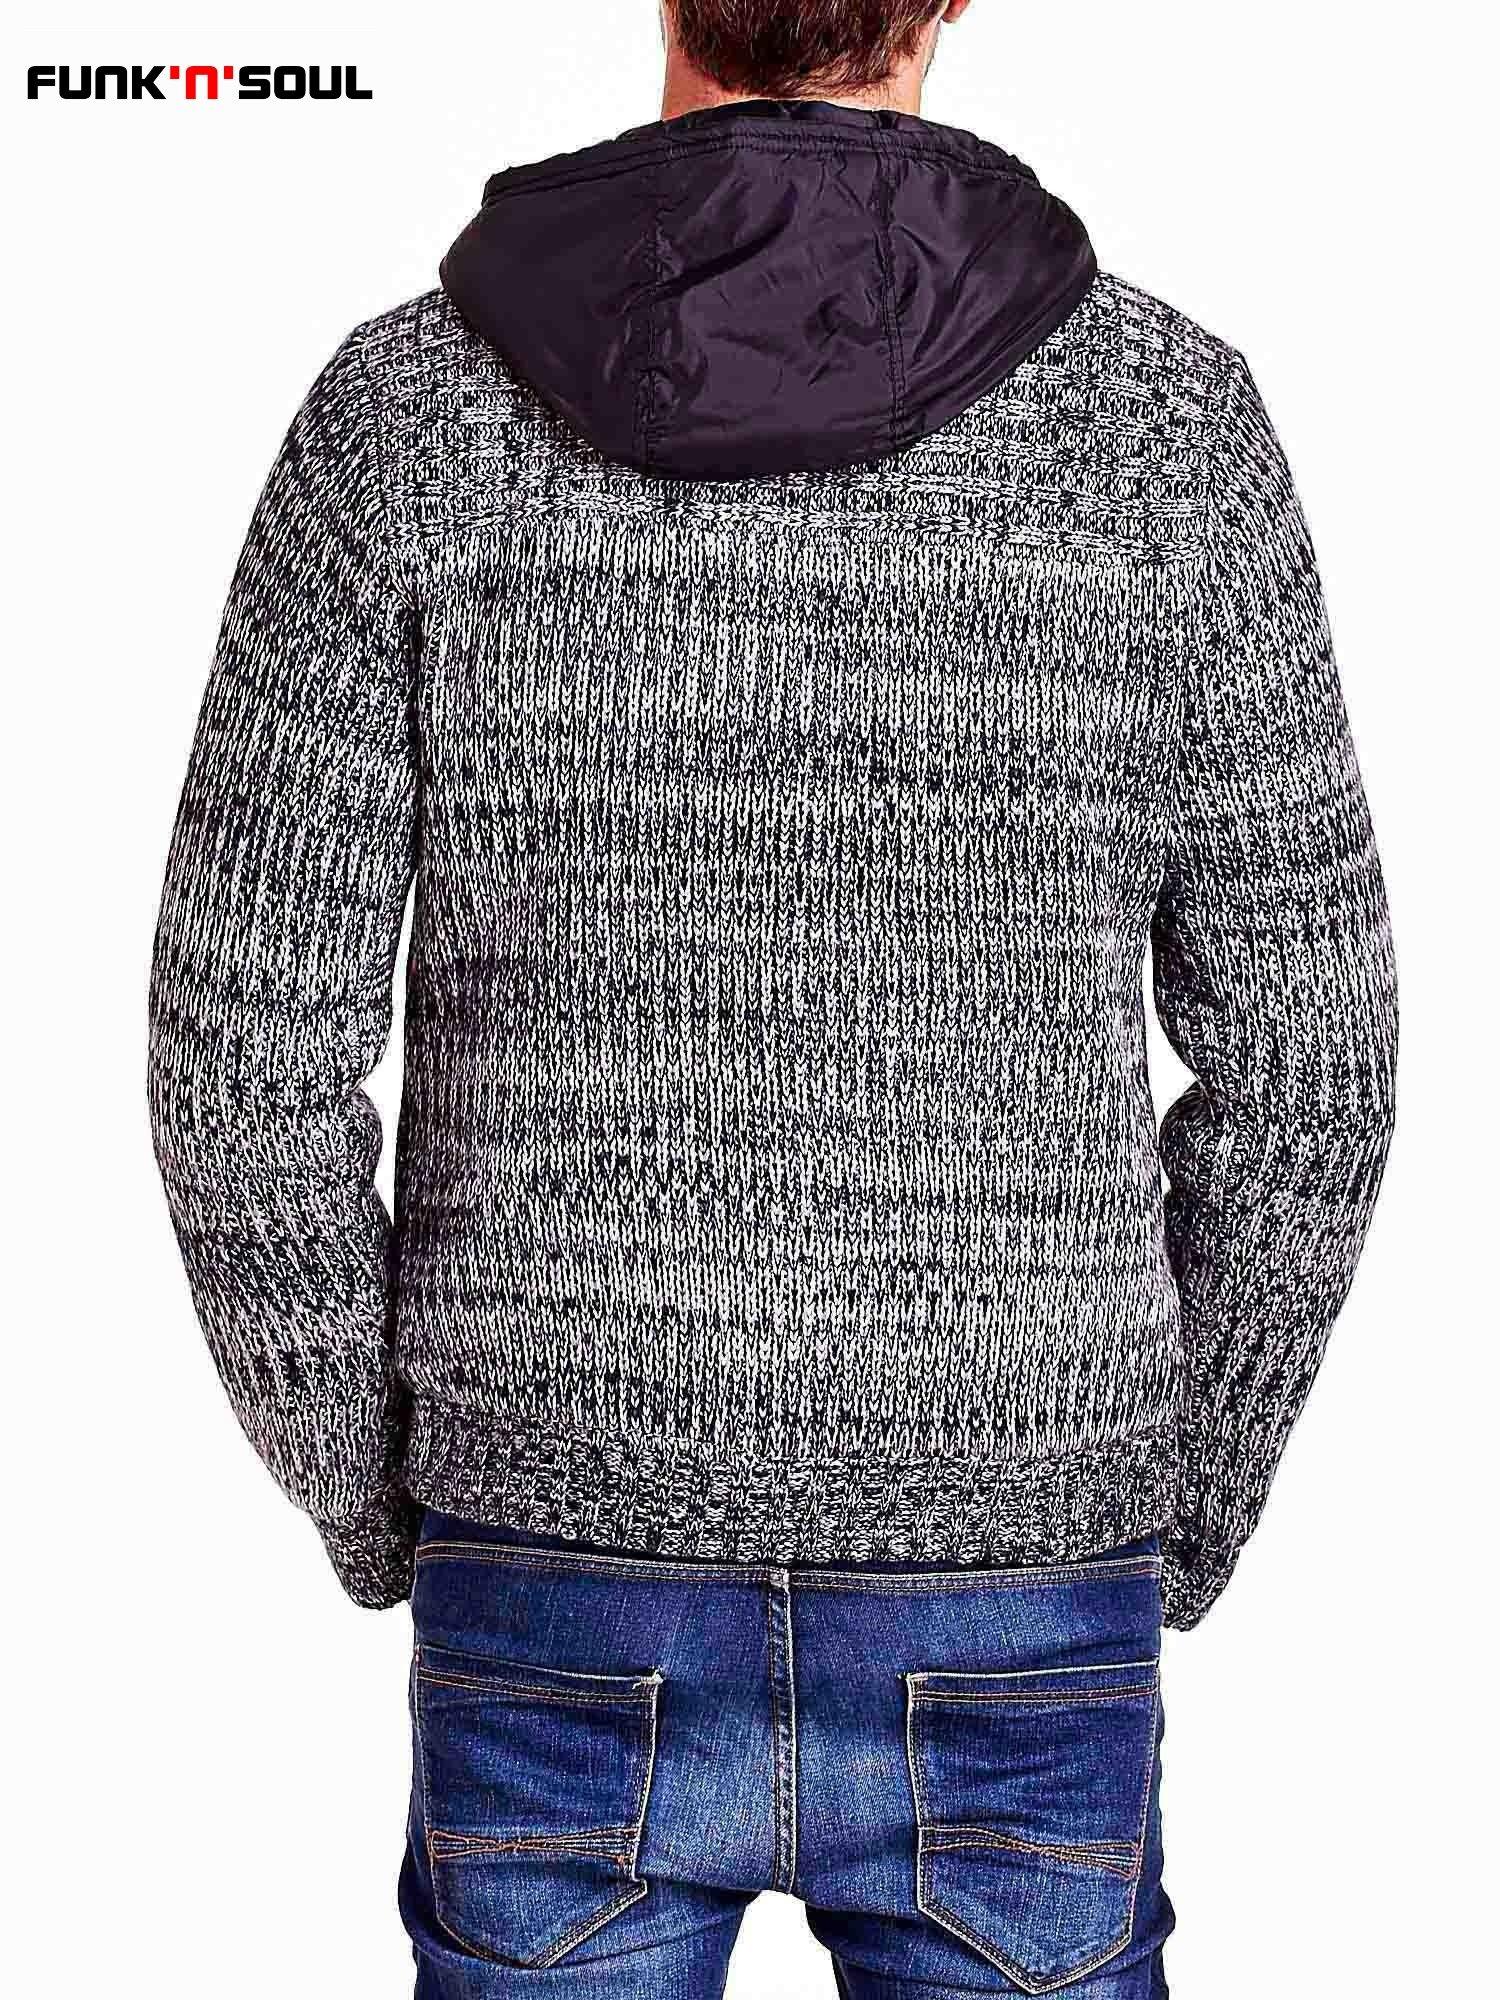 Szary sweter męski z podszewką i kapturem FUNK N SOUL                                  zdj.                                  5